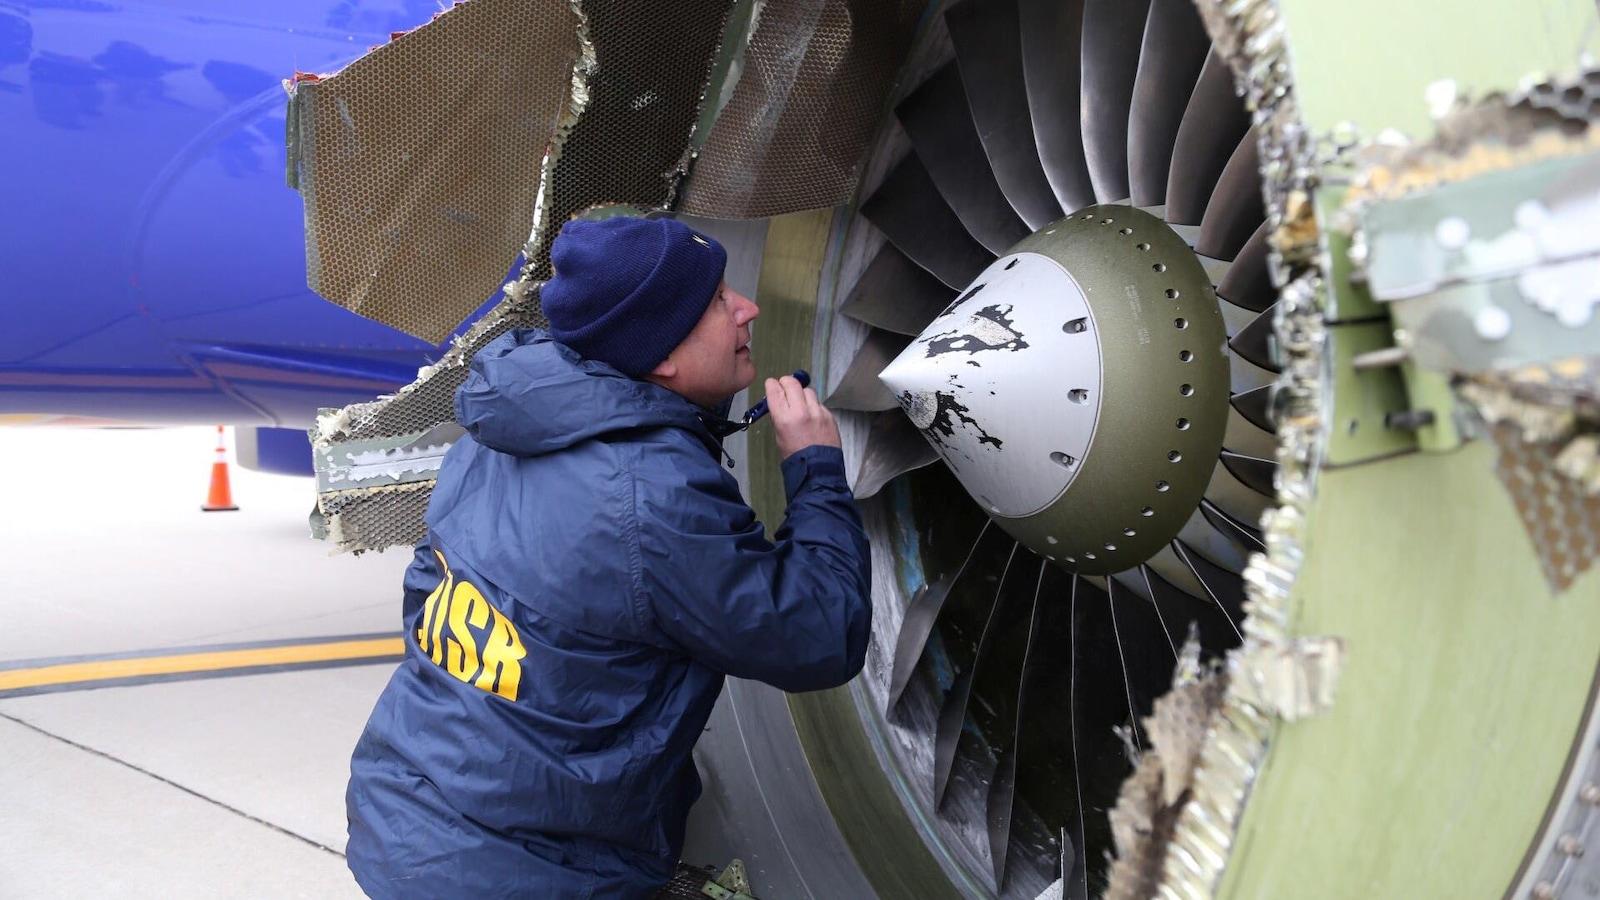 Un enquêteur du Bureau américain de la sécurité des transports examine le moteur endommagé de l'avion de Southwest Airlines qui a atterri d'urgence à Philadelphie le 17 avril 2018.